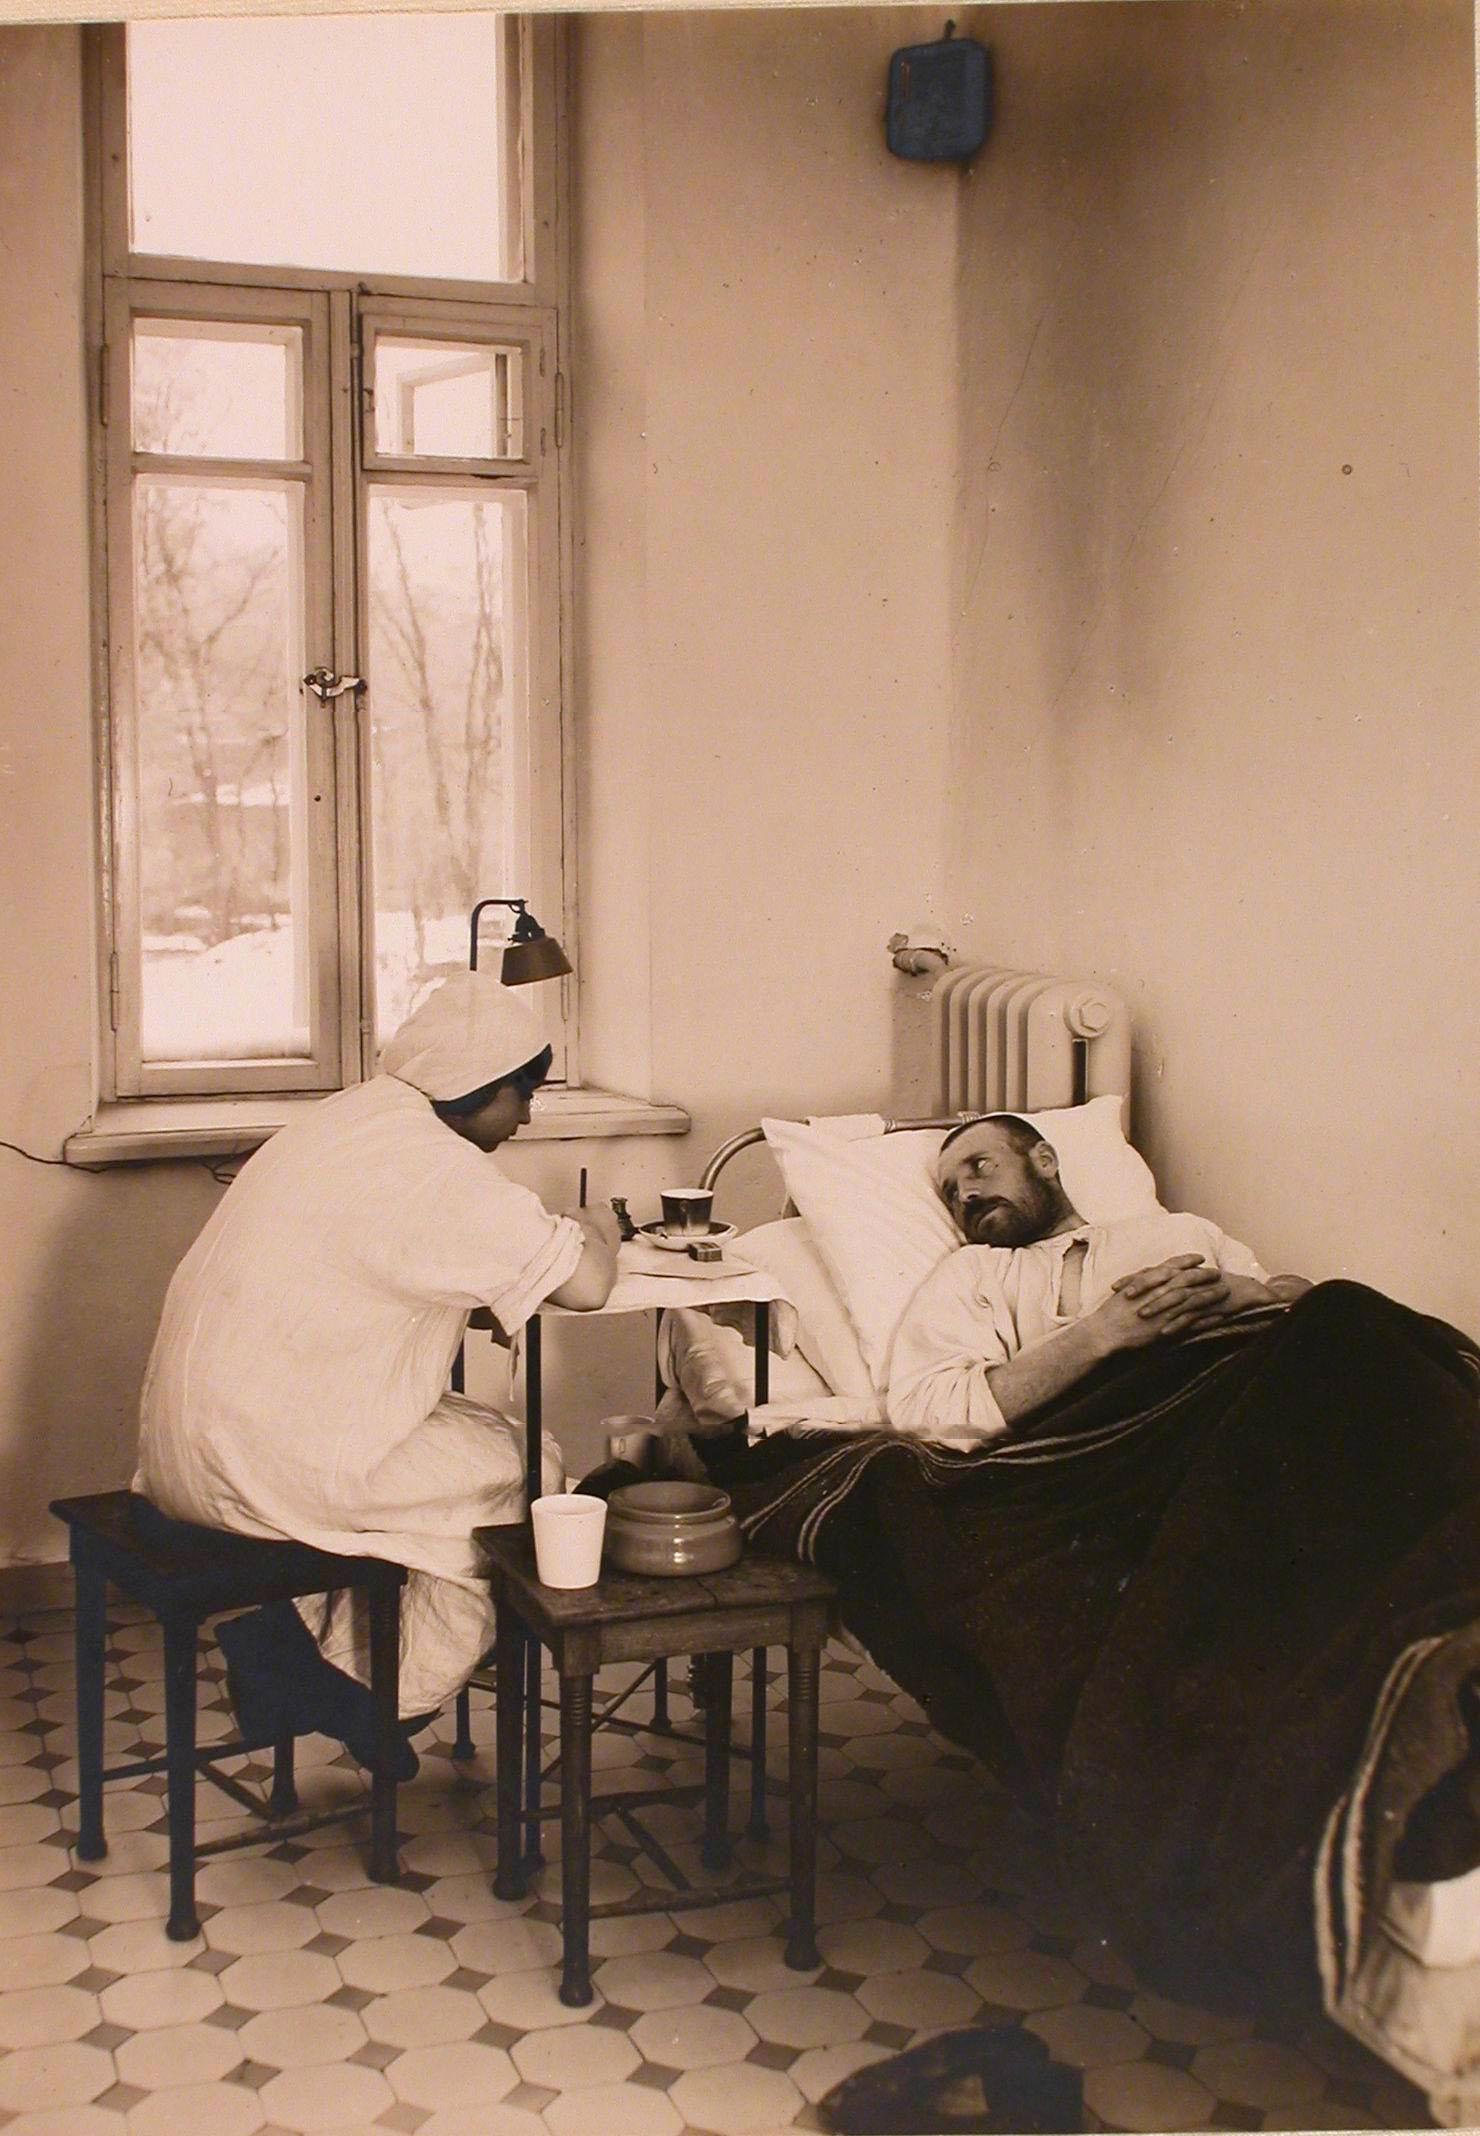 09. Раненый диктует письмо медсестре в одной из палат госпиталя №1